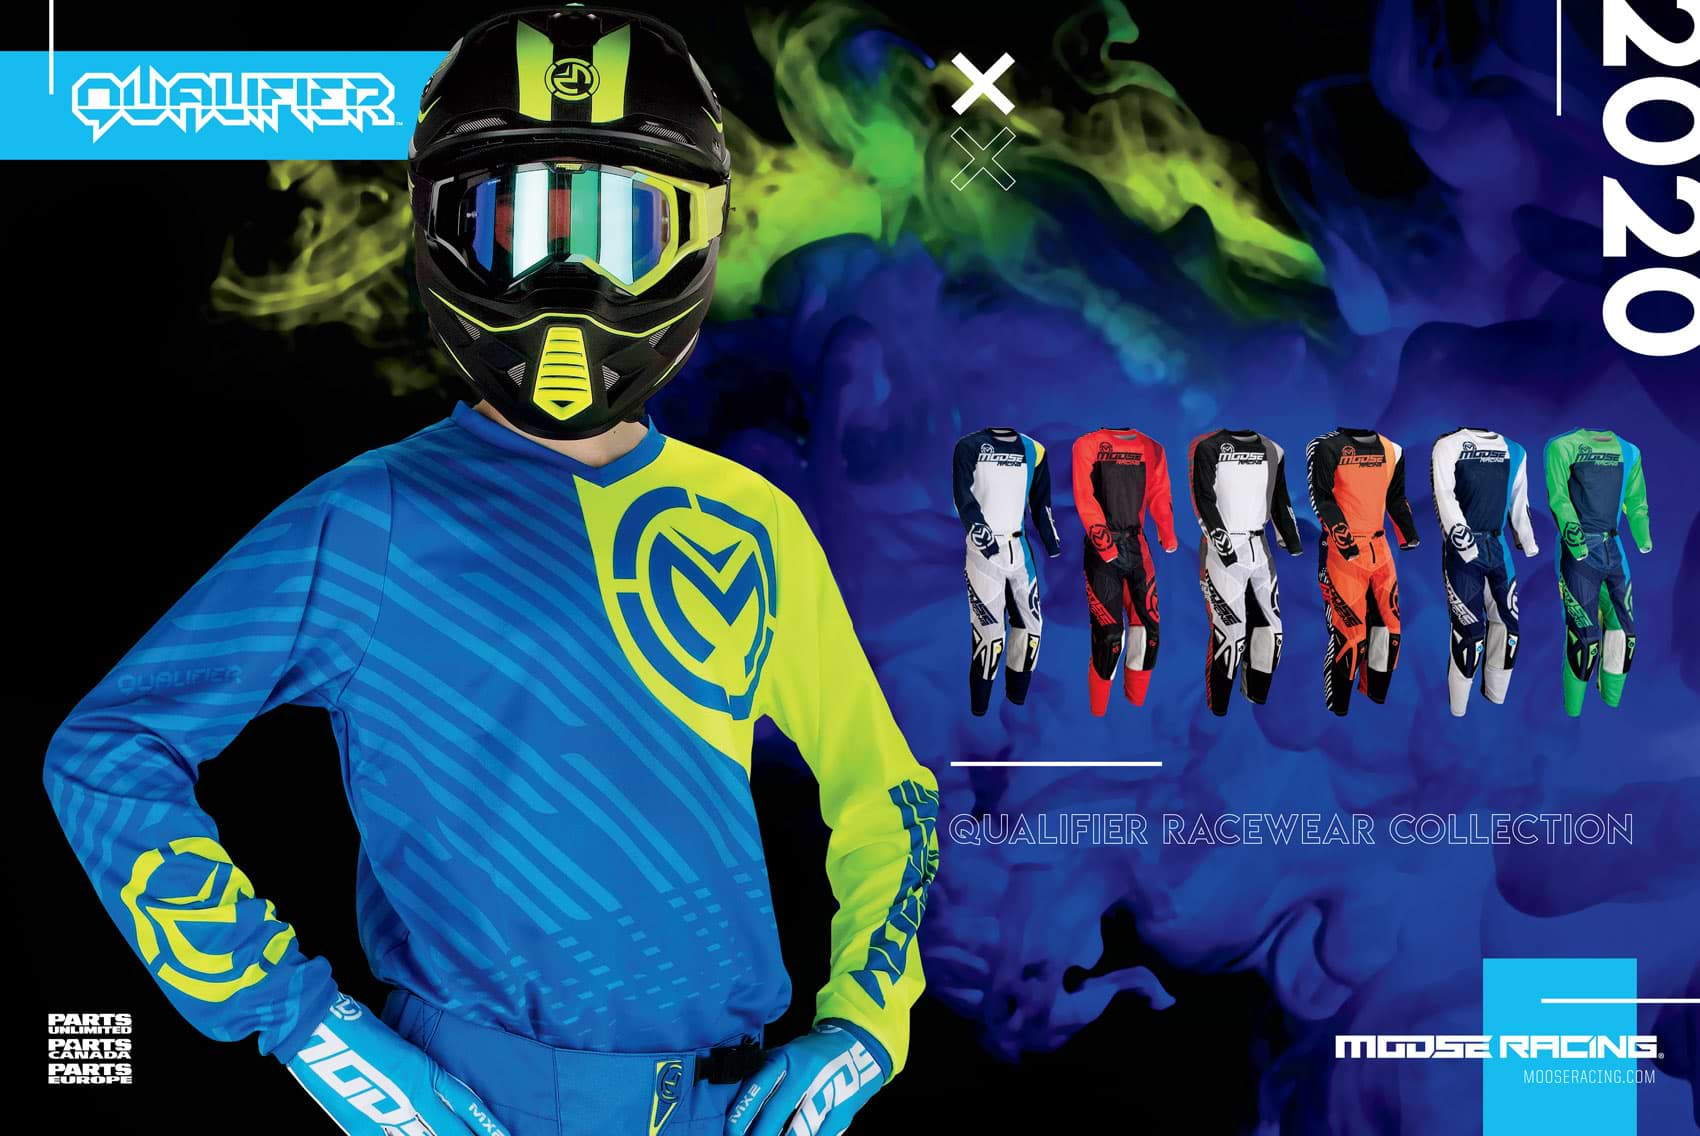 Racer X October 2019 - Moose Racing Advertisement